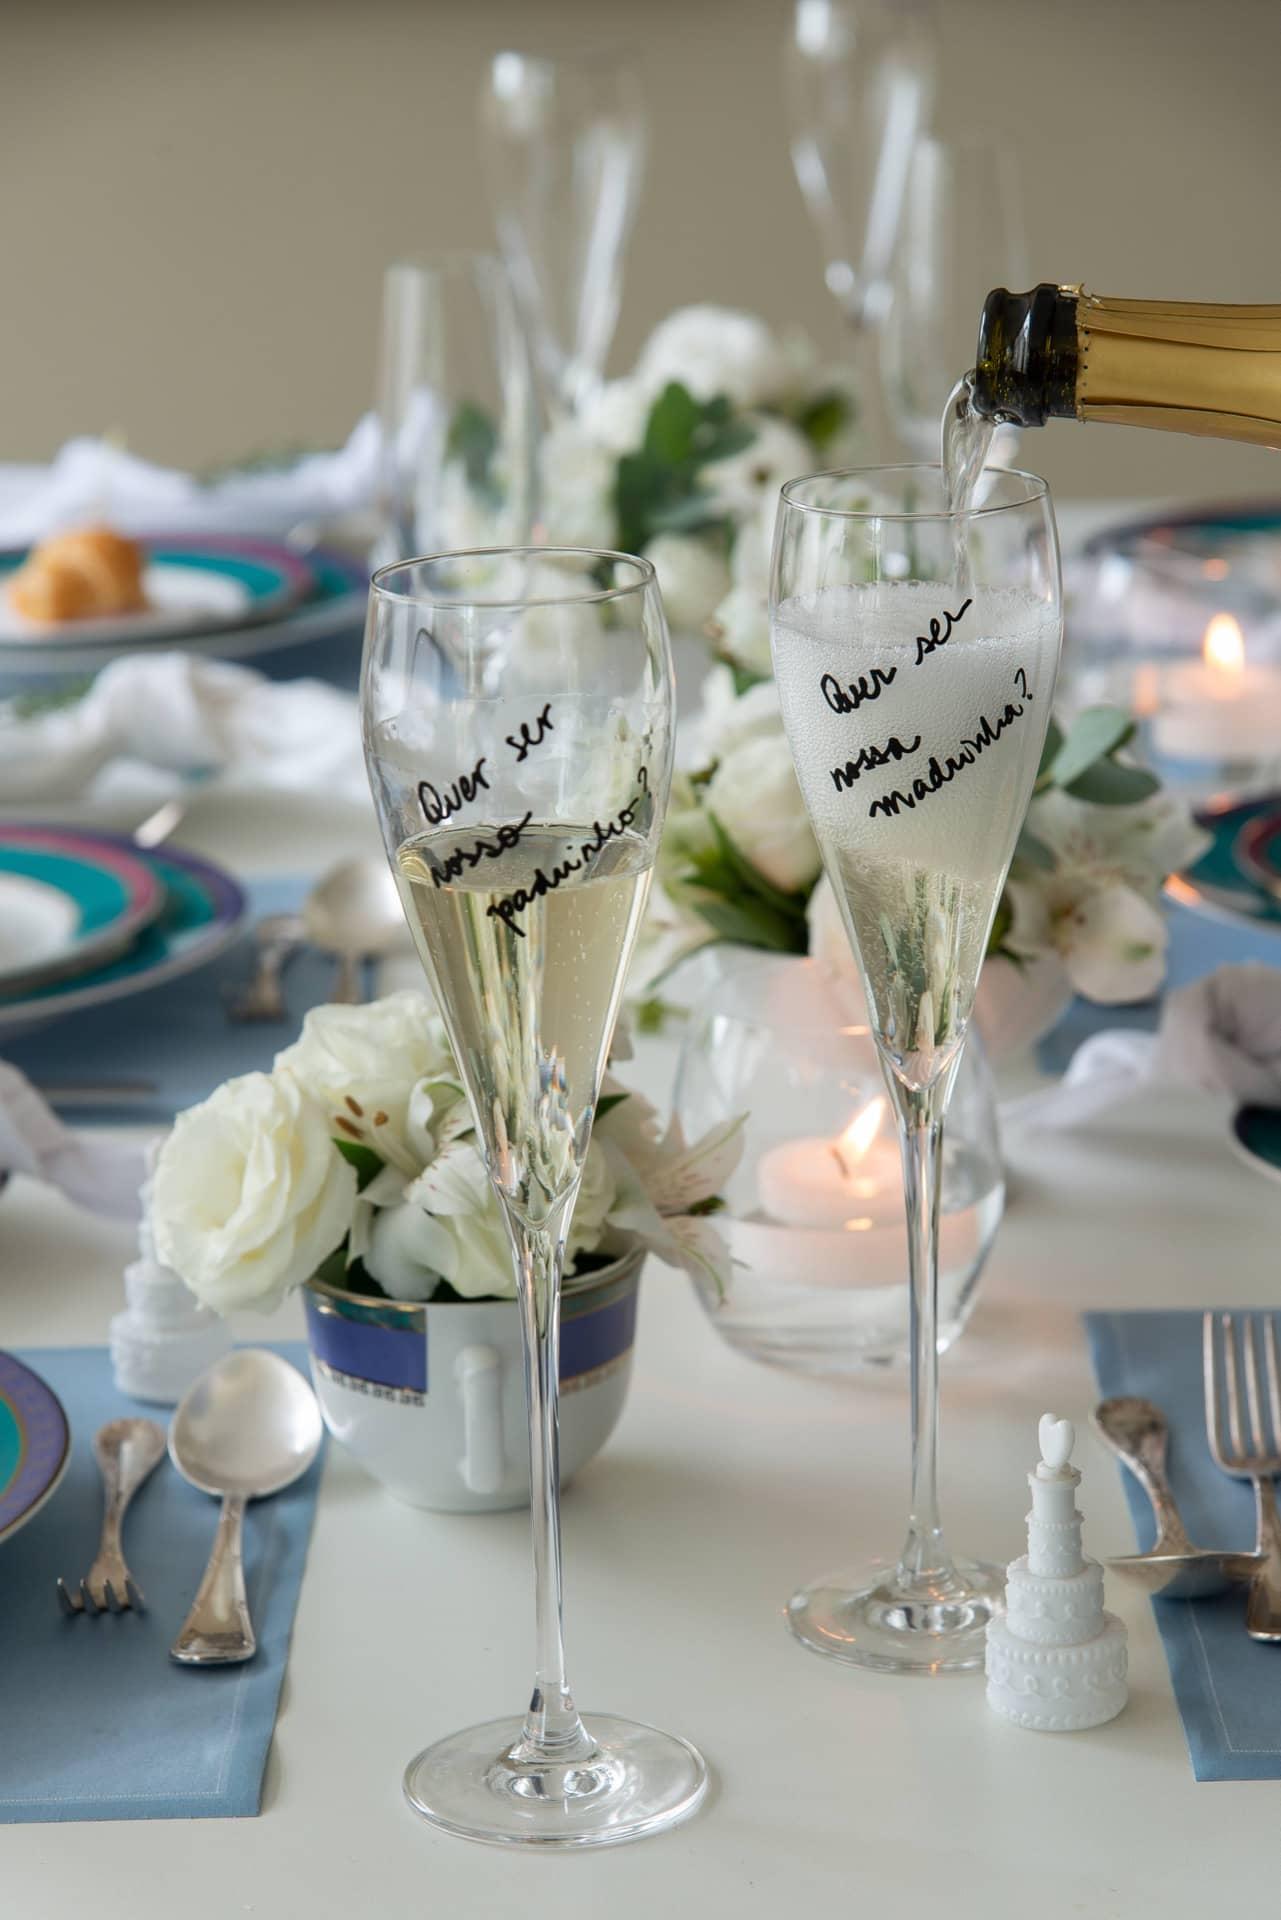 Imagem: As taças dos padrinhos serão uma lembrança da noite do convite. Por isso, escreva ou desenhe sobre elas, usando uma caneta à base de água, cuja tinta sai apenas com detergente e esponja. Foto: Cacá Bratke